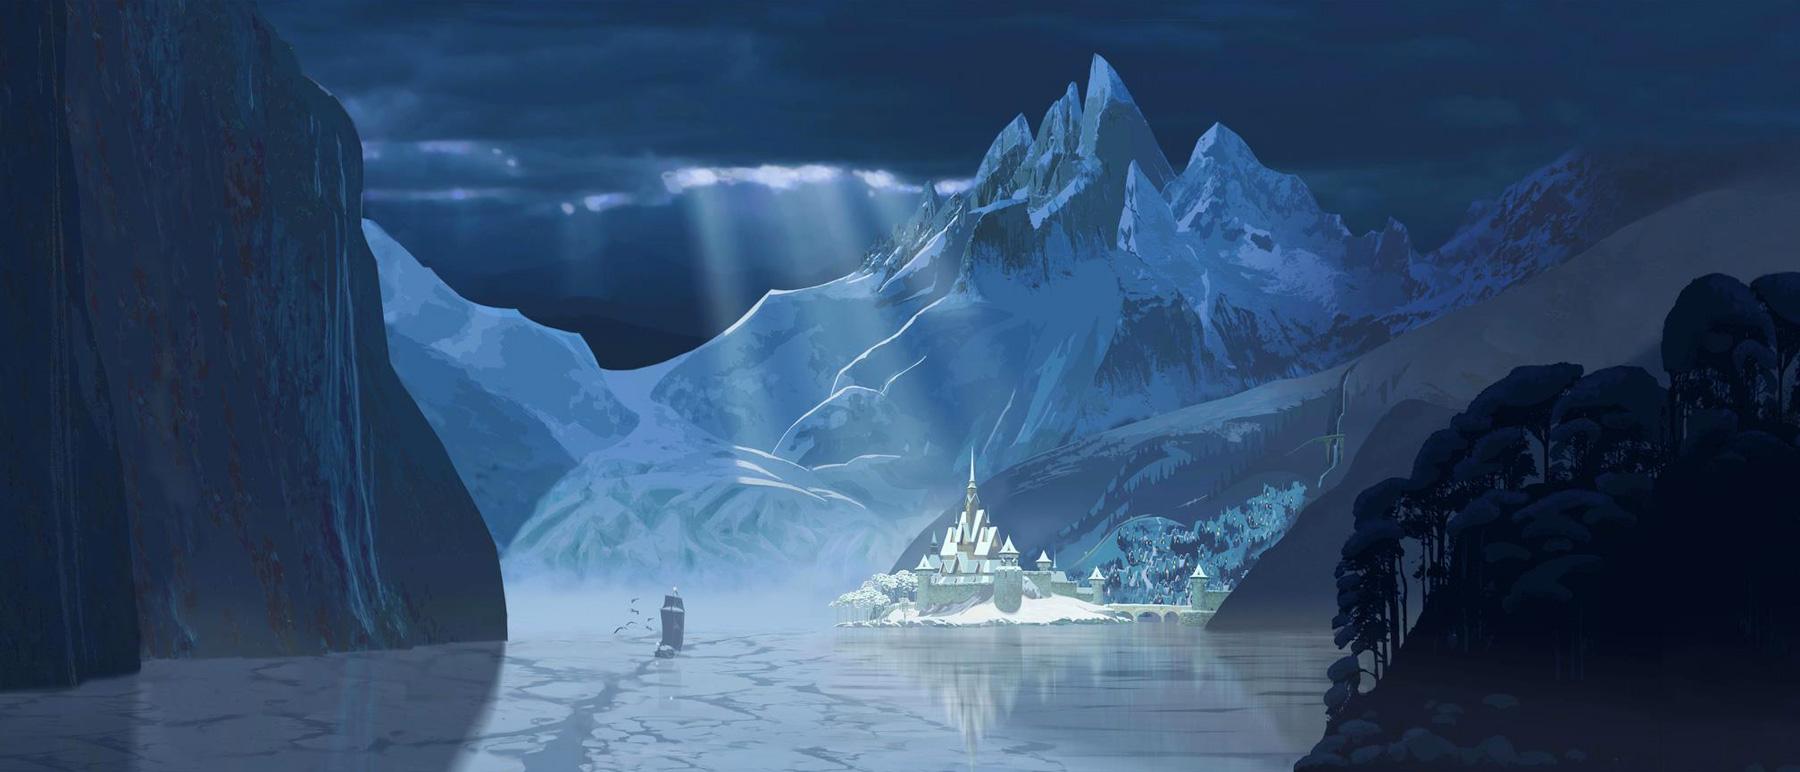 Frozen Concept Art | Concept Art World